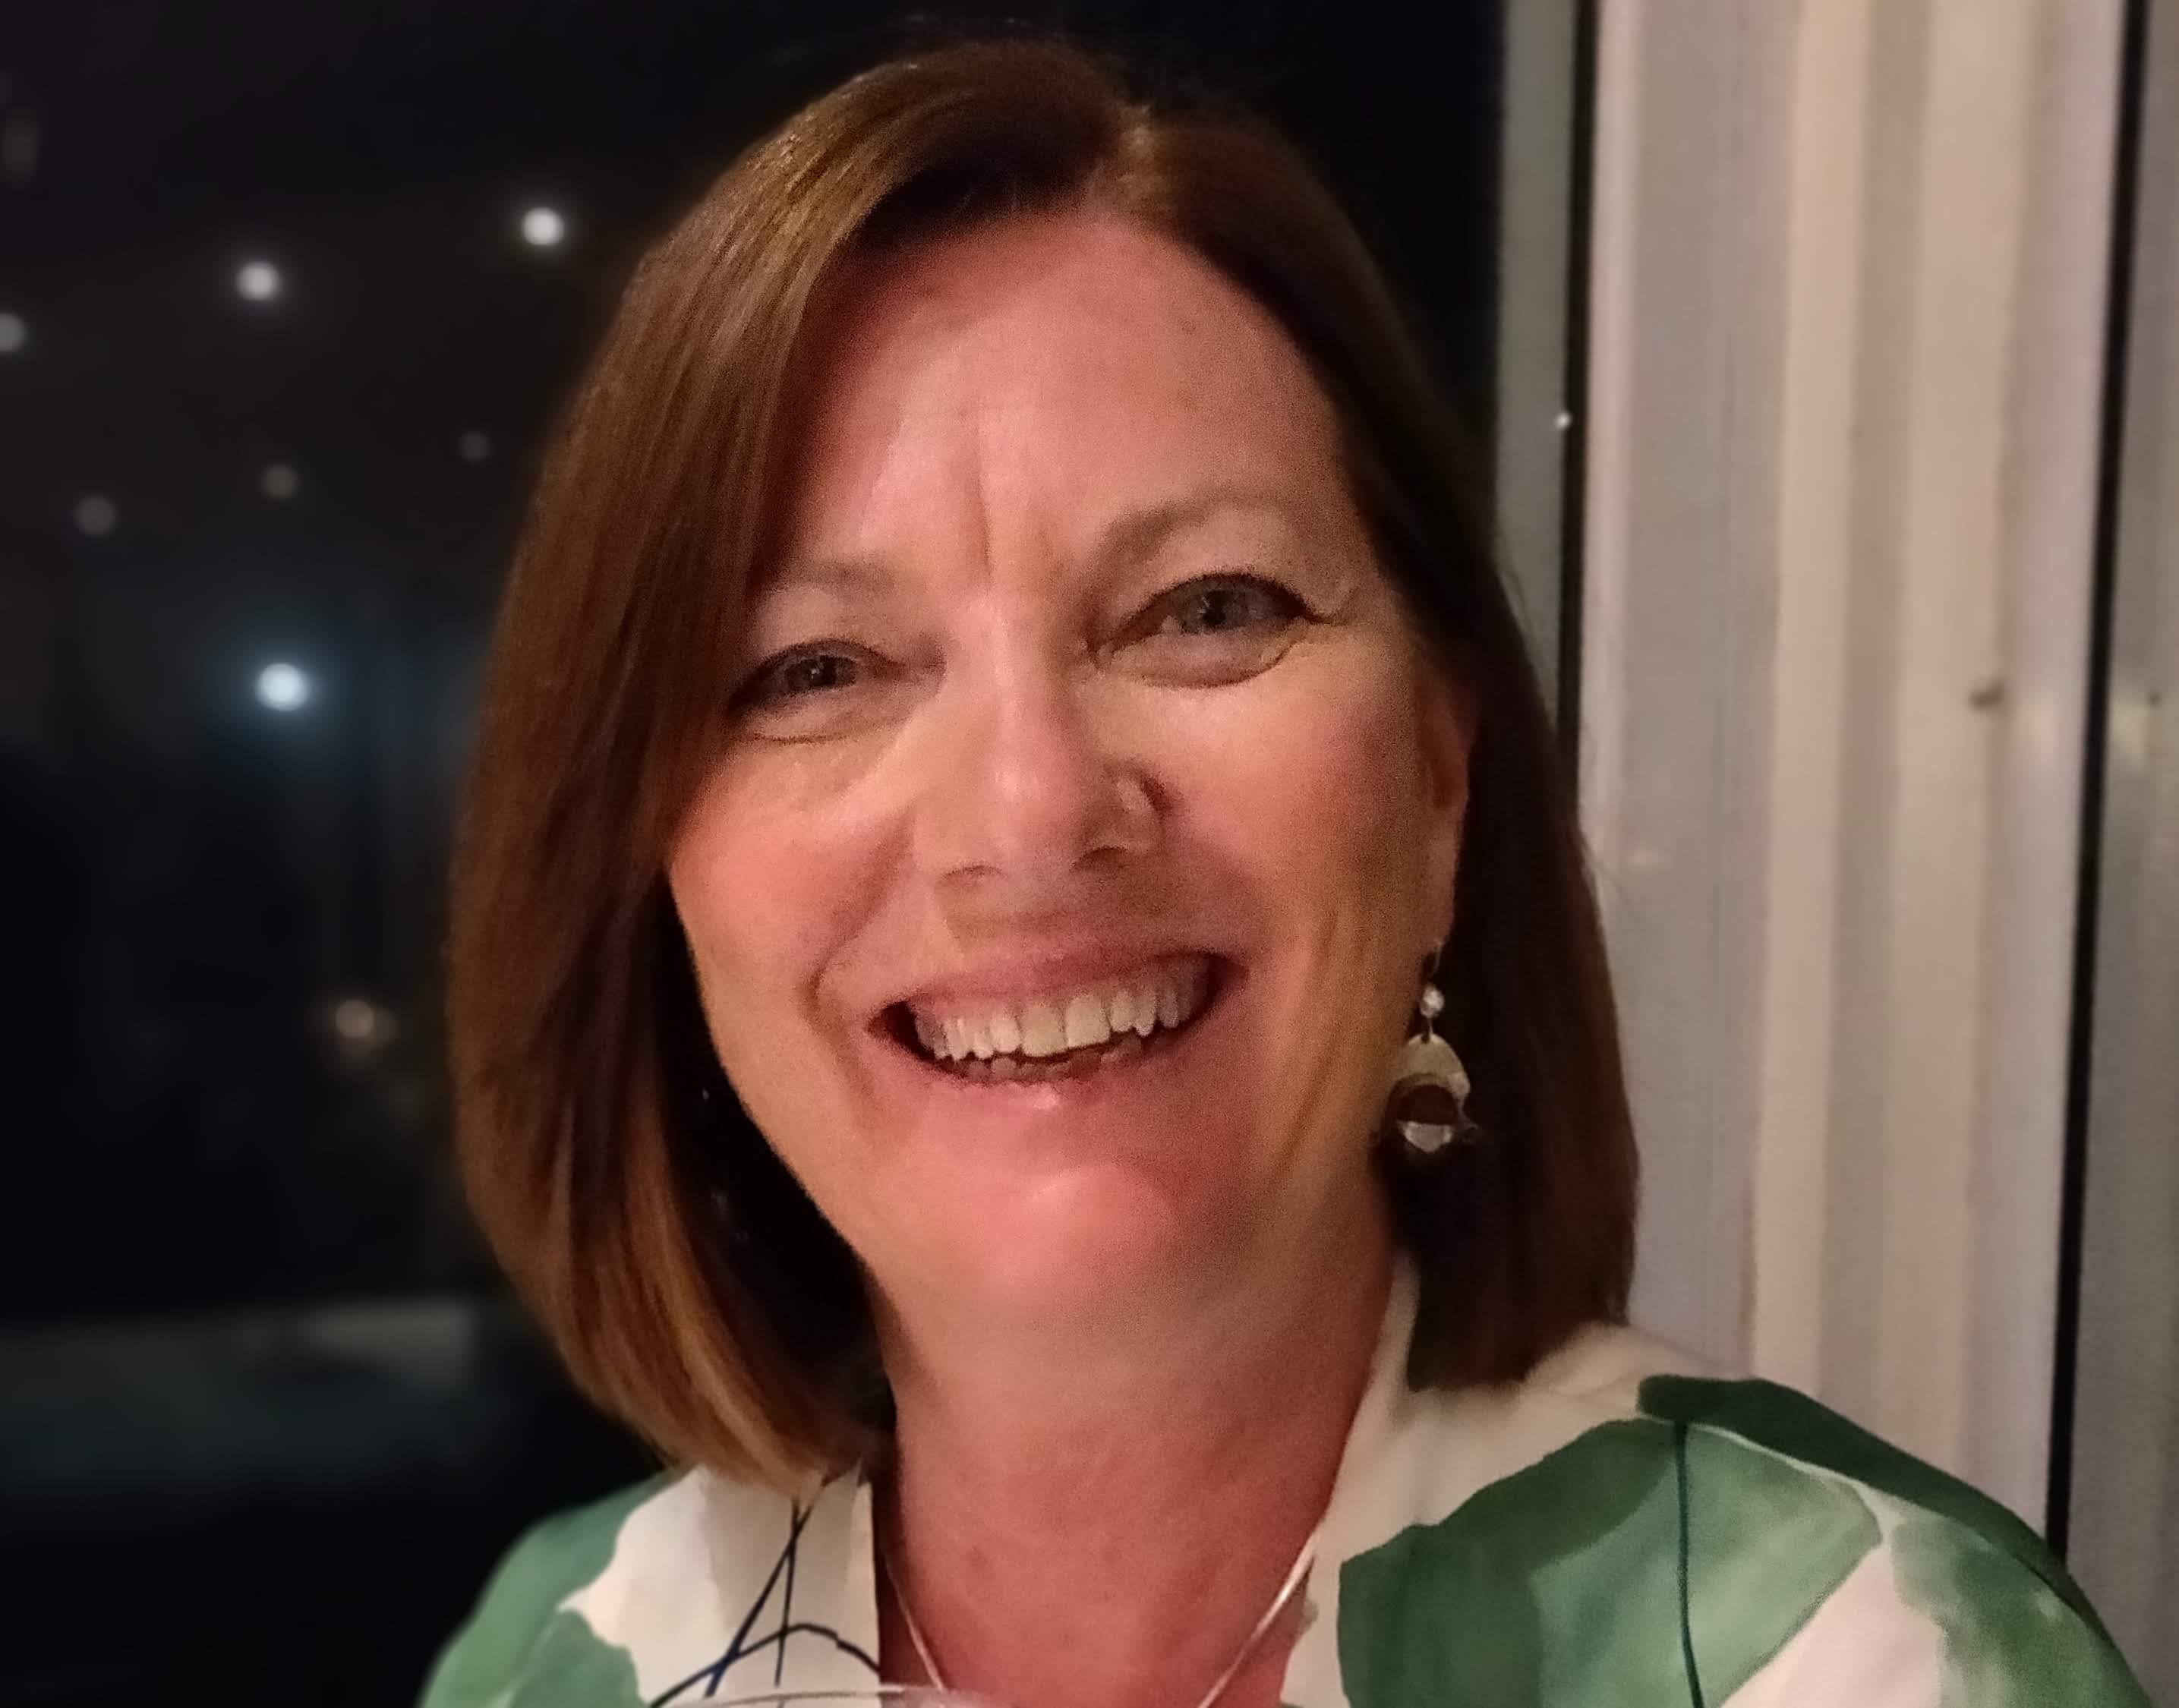 Elizabeth Pycroft